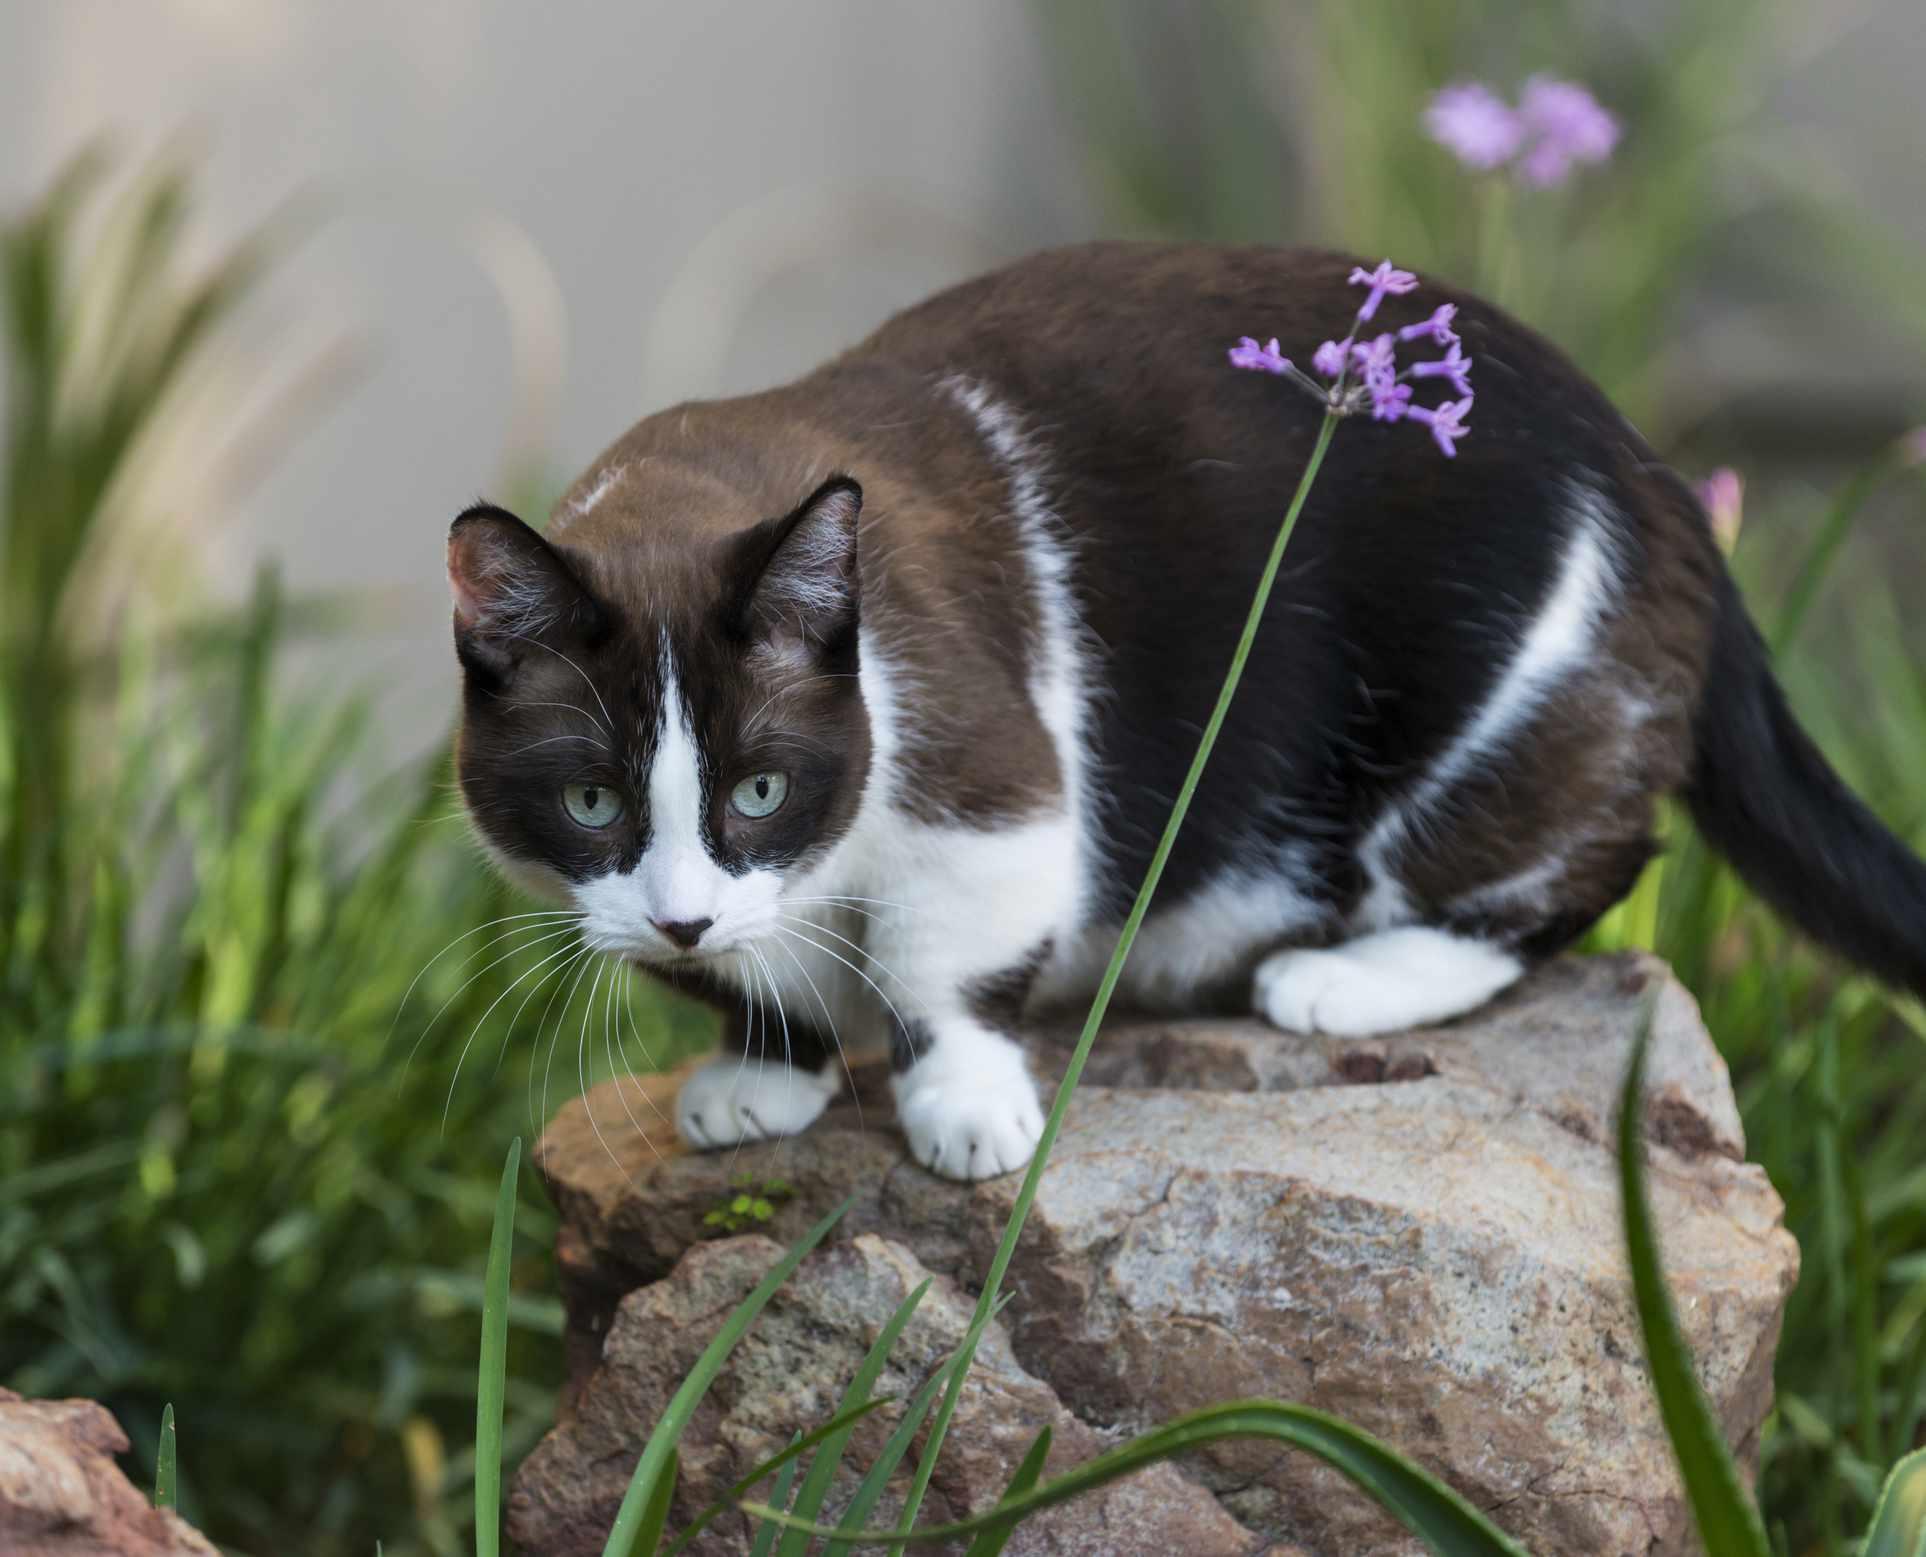 Black and white Munchkin cat